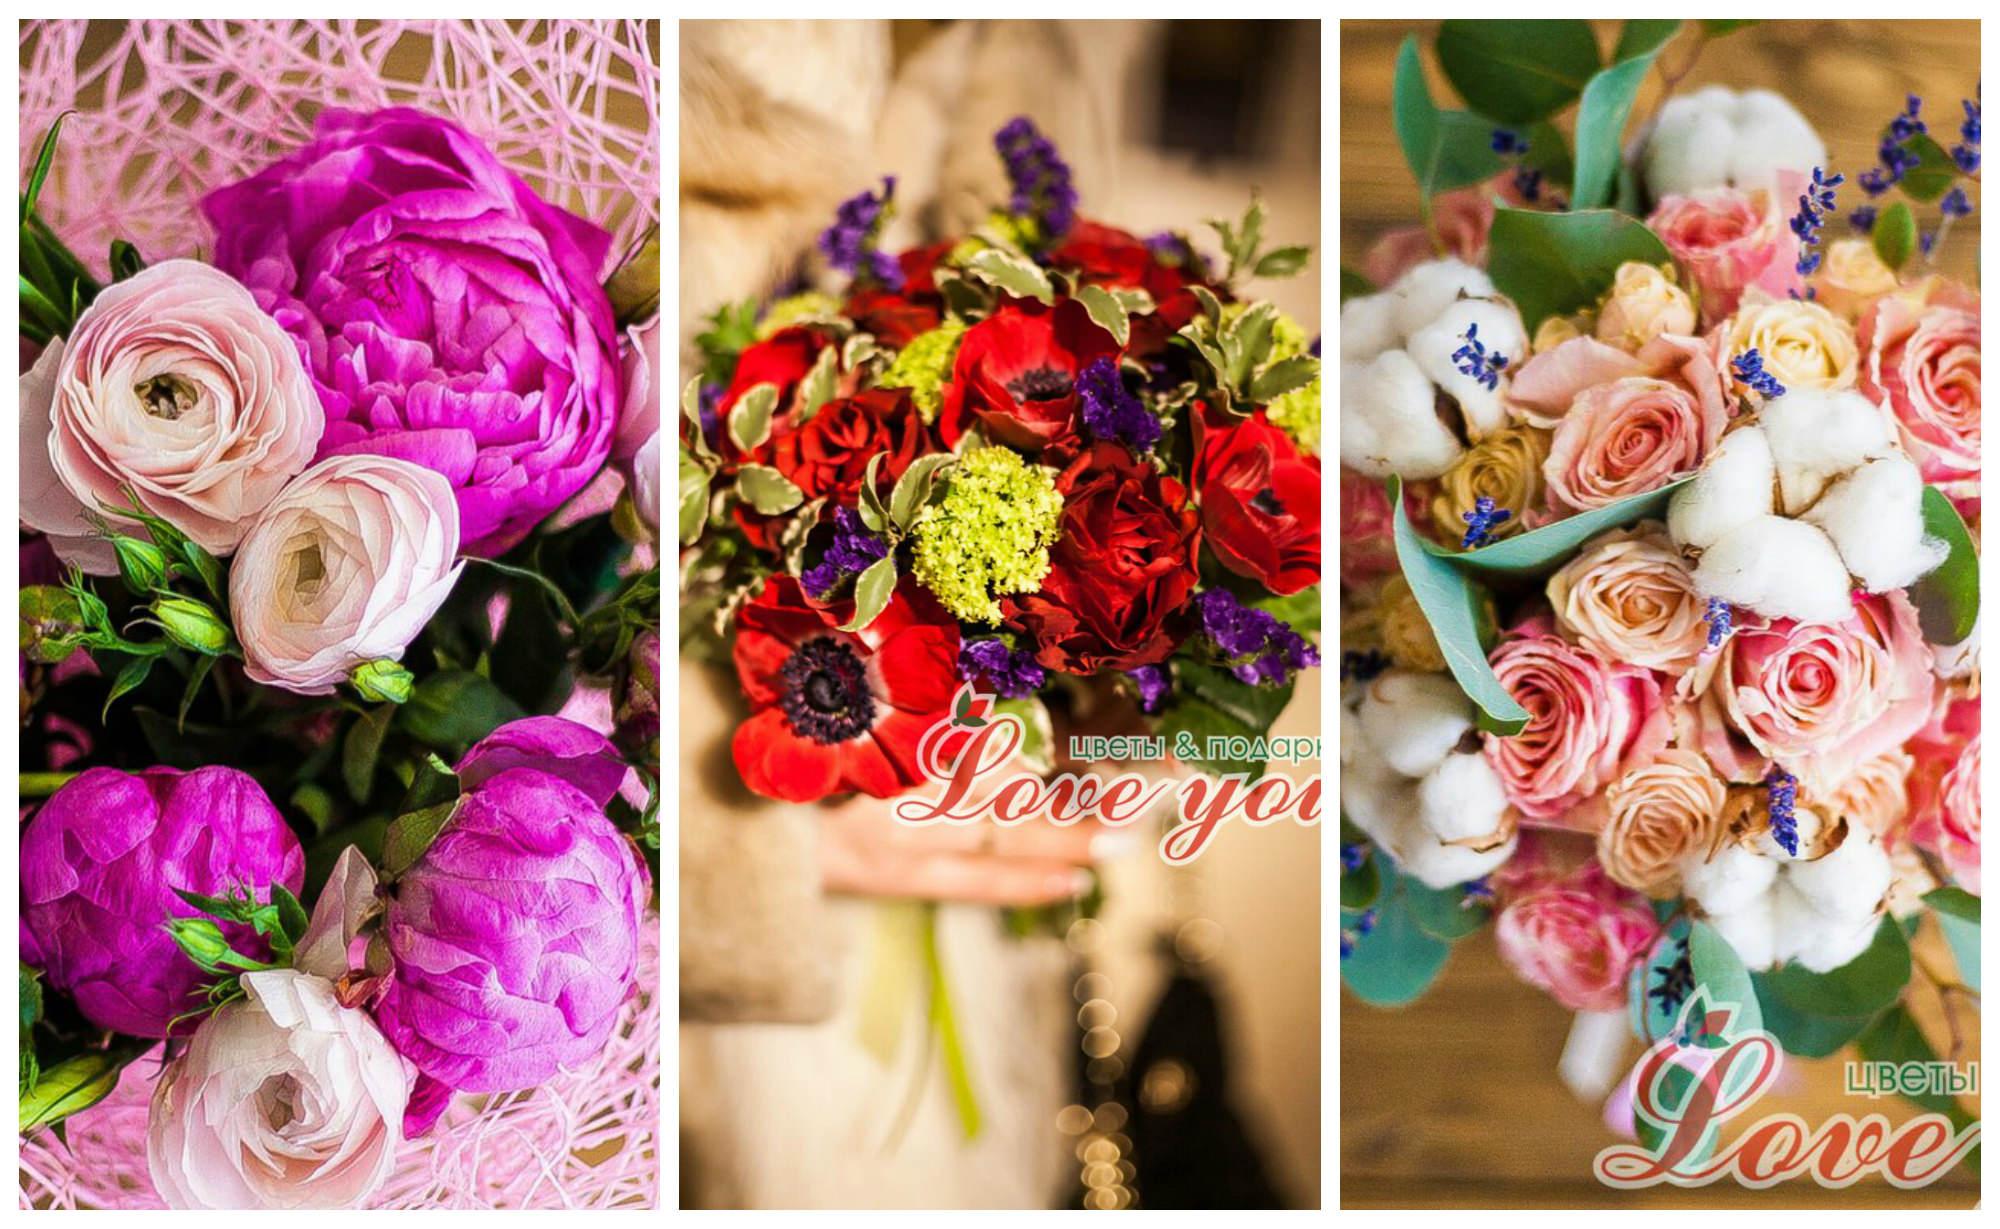 Где и за сколько    заказать доставку цветов в Саранске loveyou